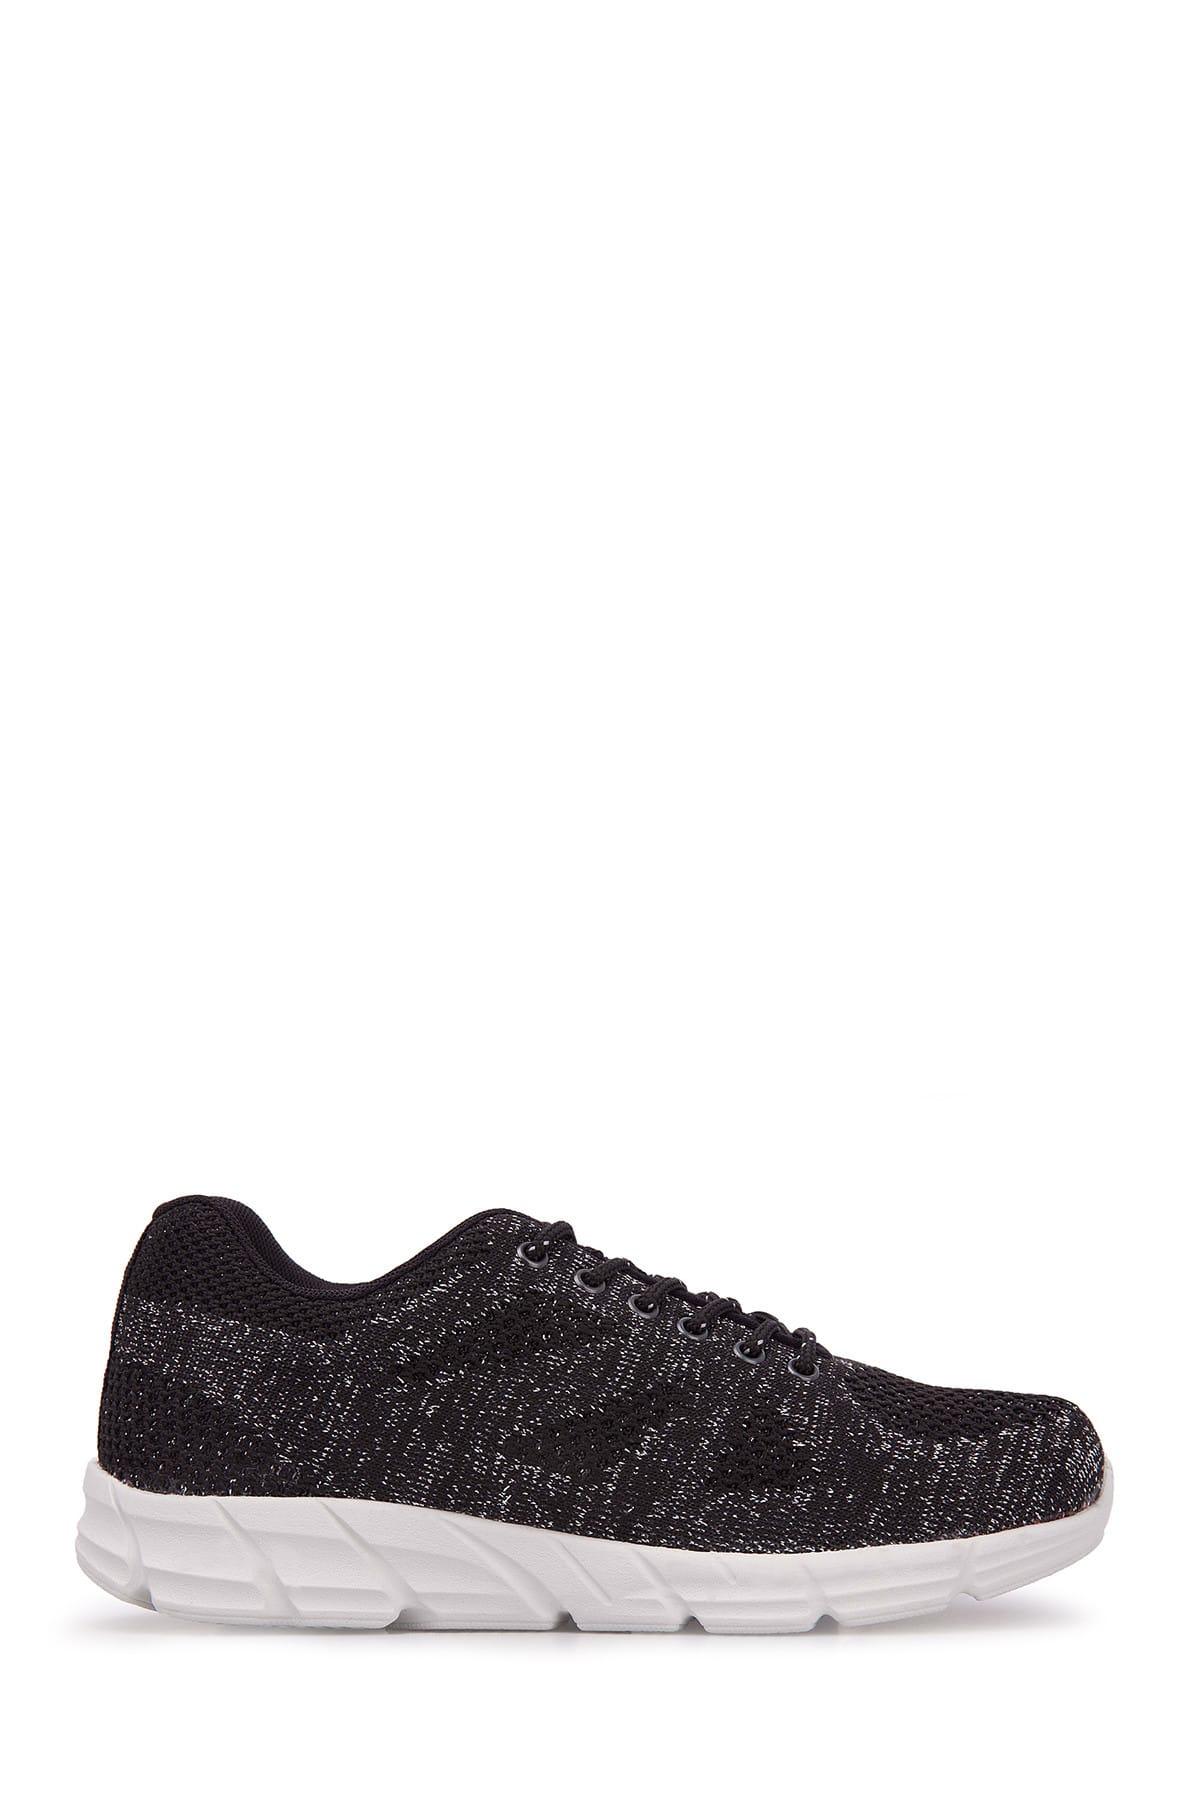 Scooter Siyah Gümüş Kadın Sneaker G5437 1